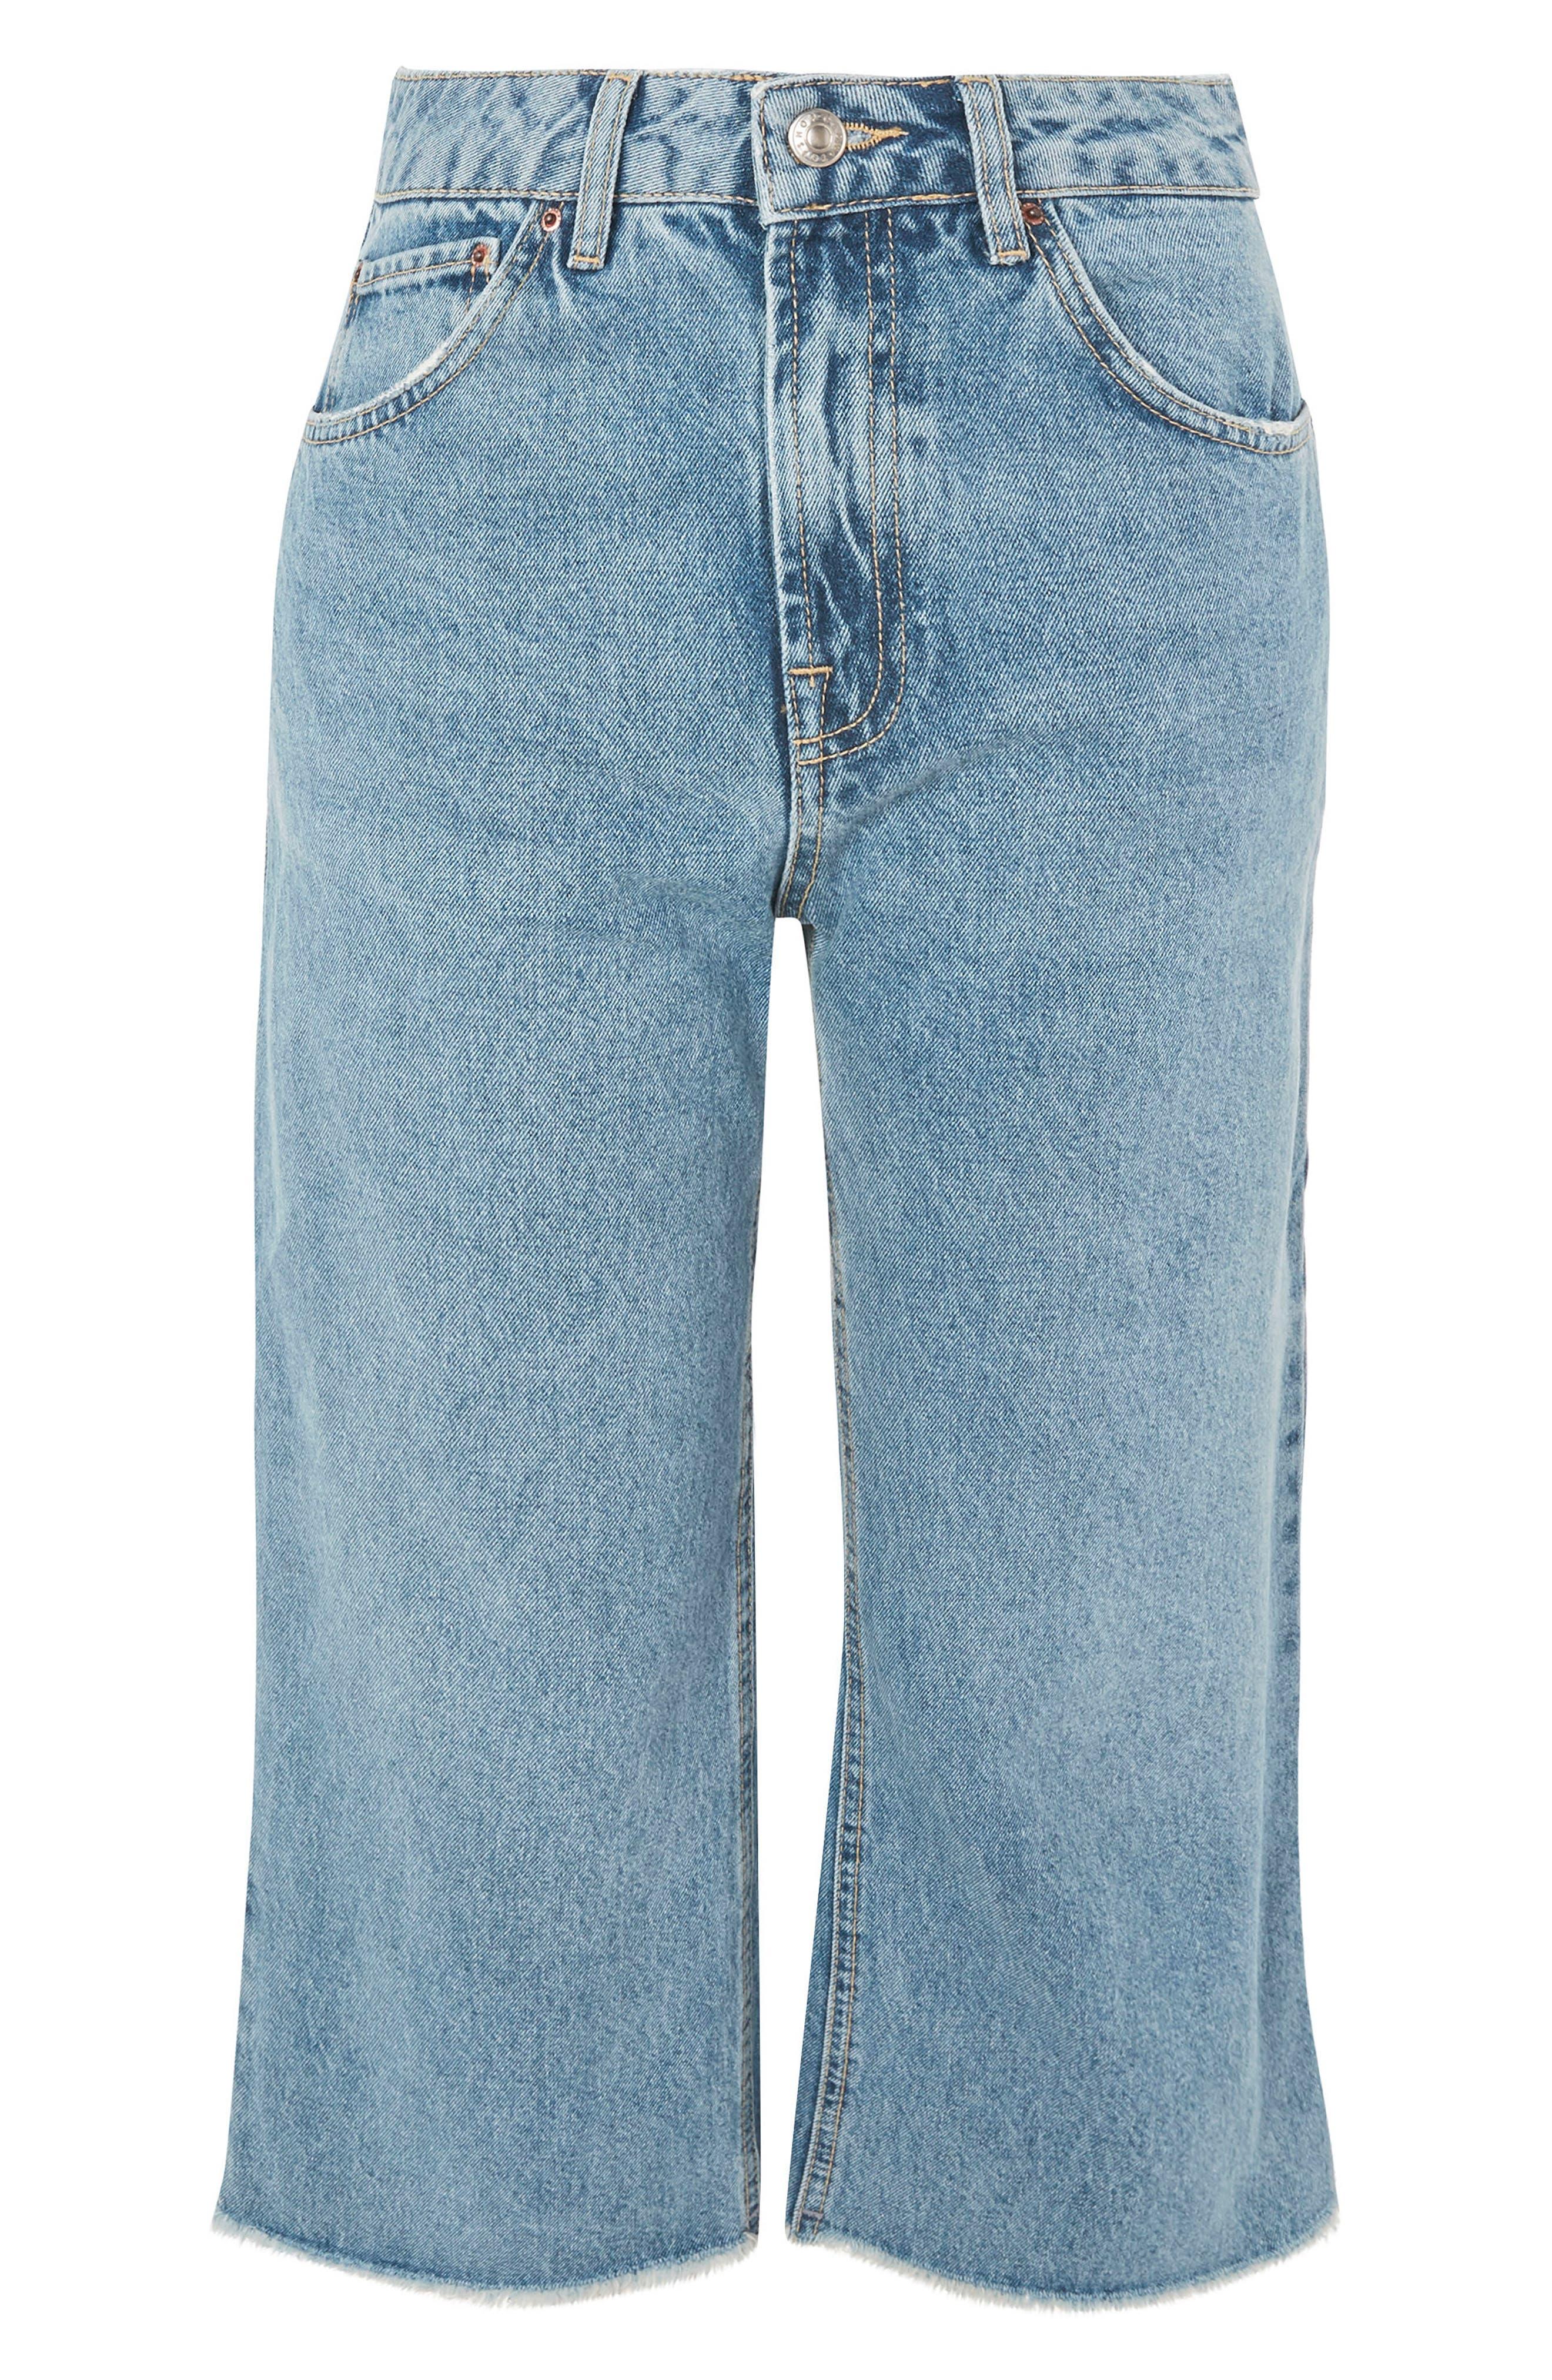 Petite Wide Leg Crop Jeans,                             Alternate thumbnail 4, color,                             Mid Denim